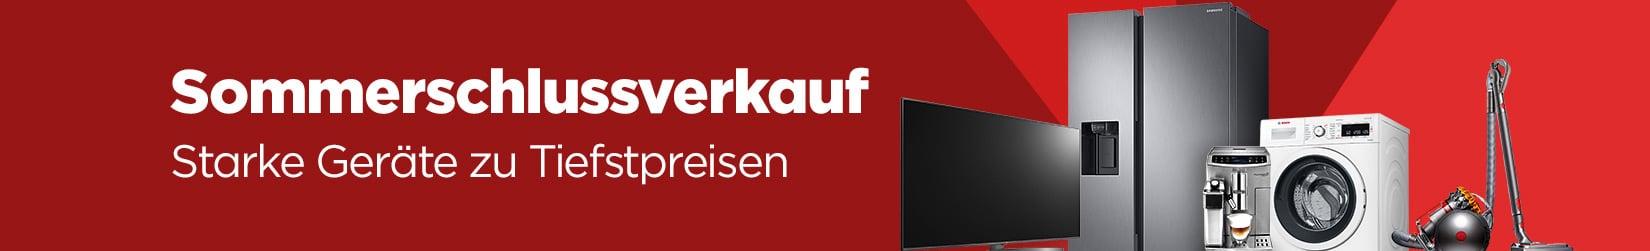 Unschlagbare Deals und Angebote für Haushaltsgeräte   ao.de